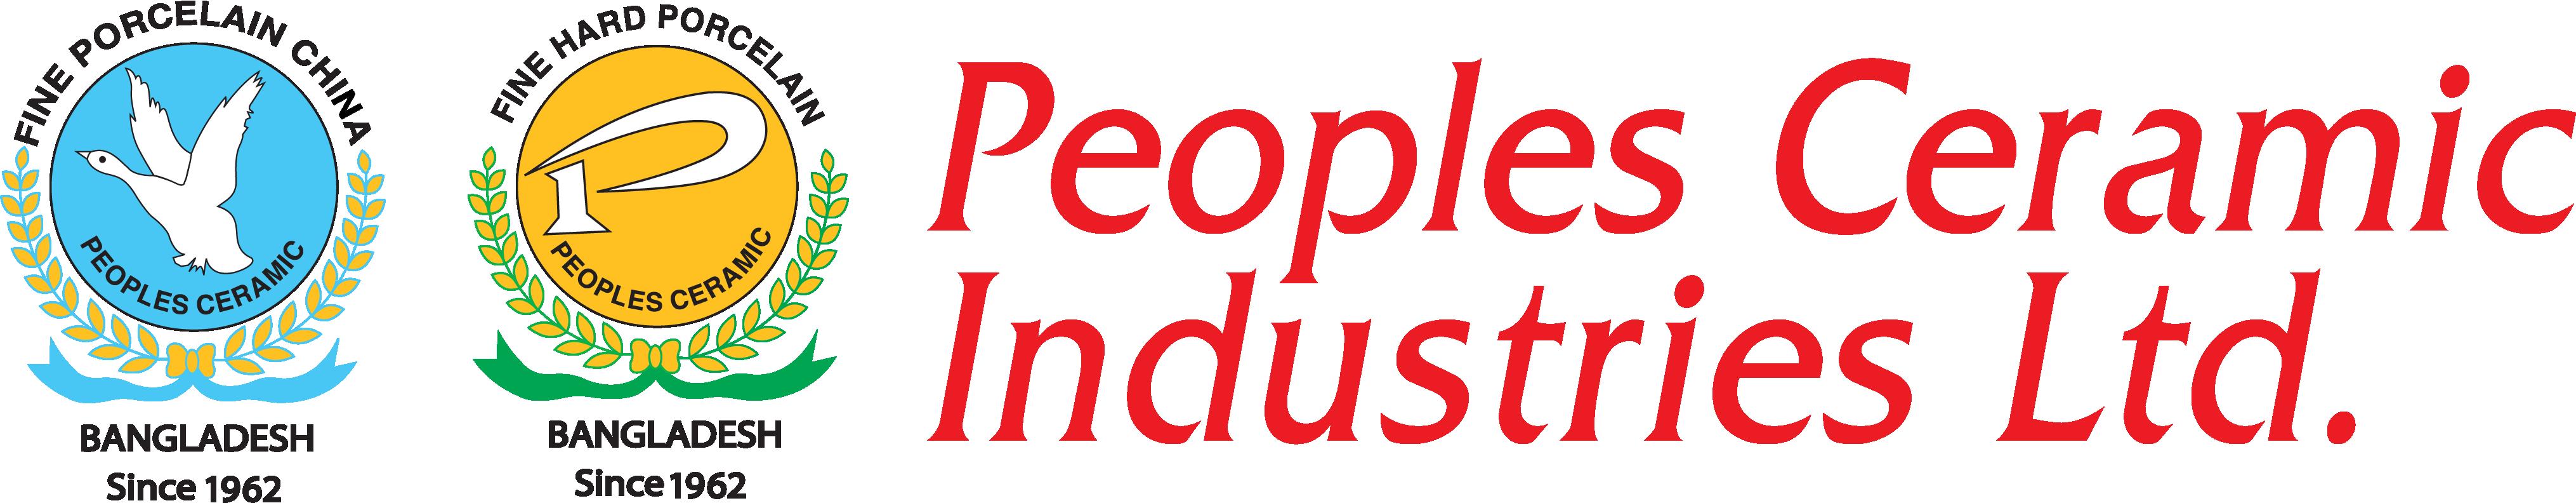 Peoples Ceramic Ind. Ltd.